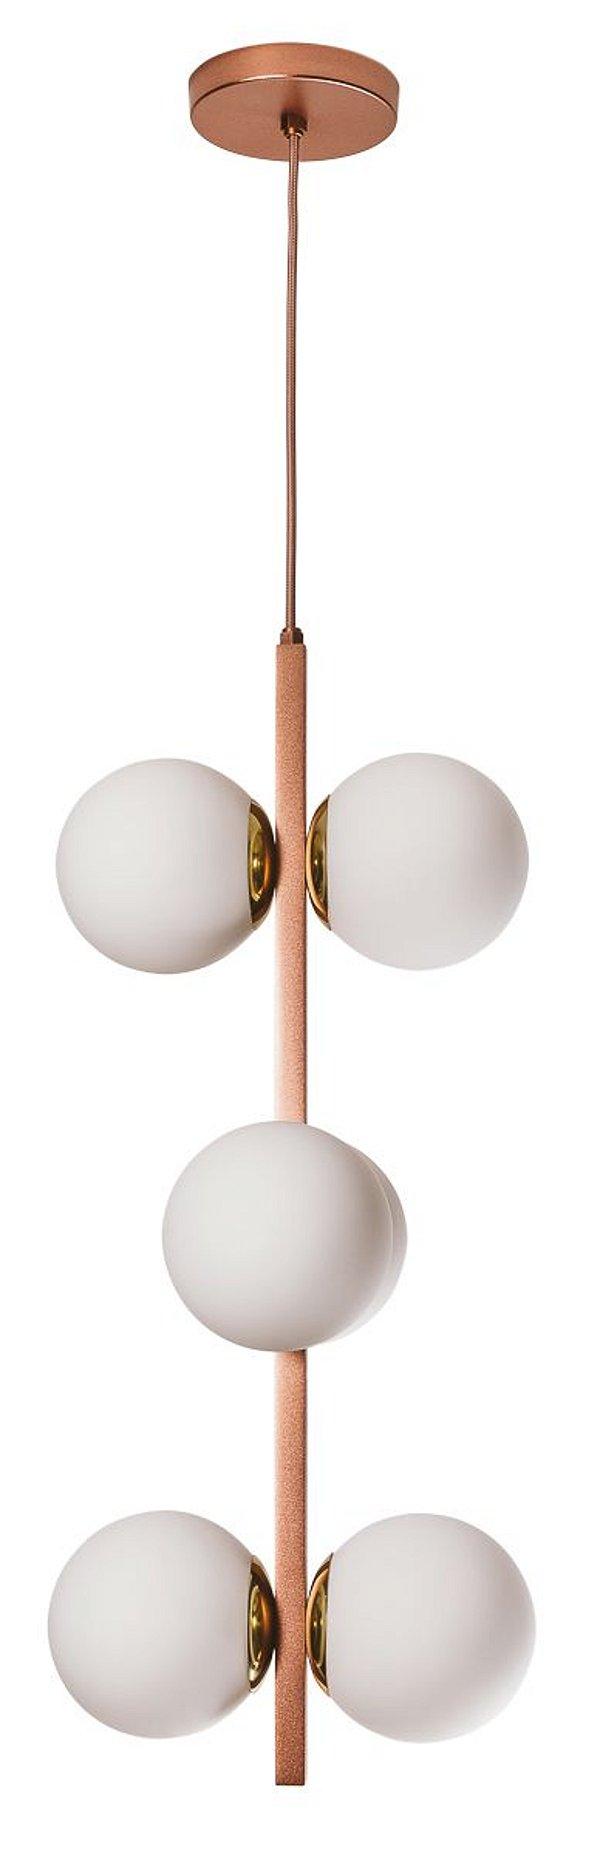 PENDENTE COSMOS 16545/6 Haste Moderno com Com GLOBOS de Vidro 14cm x Ø30x60x1m x 6- E27 - G45